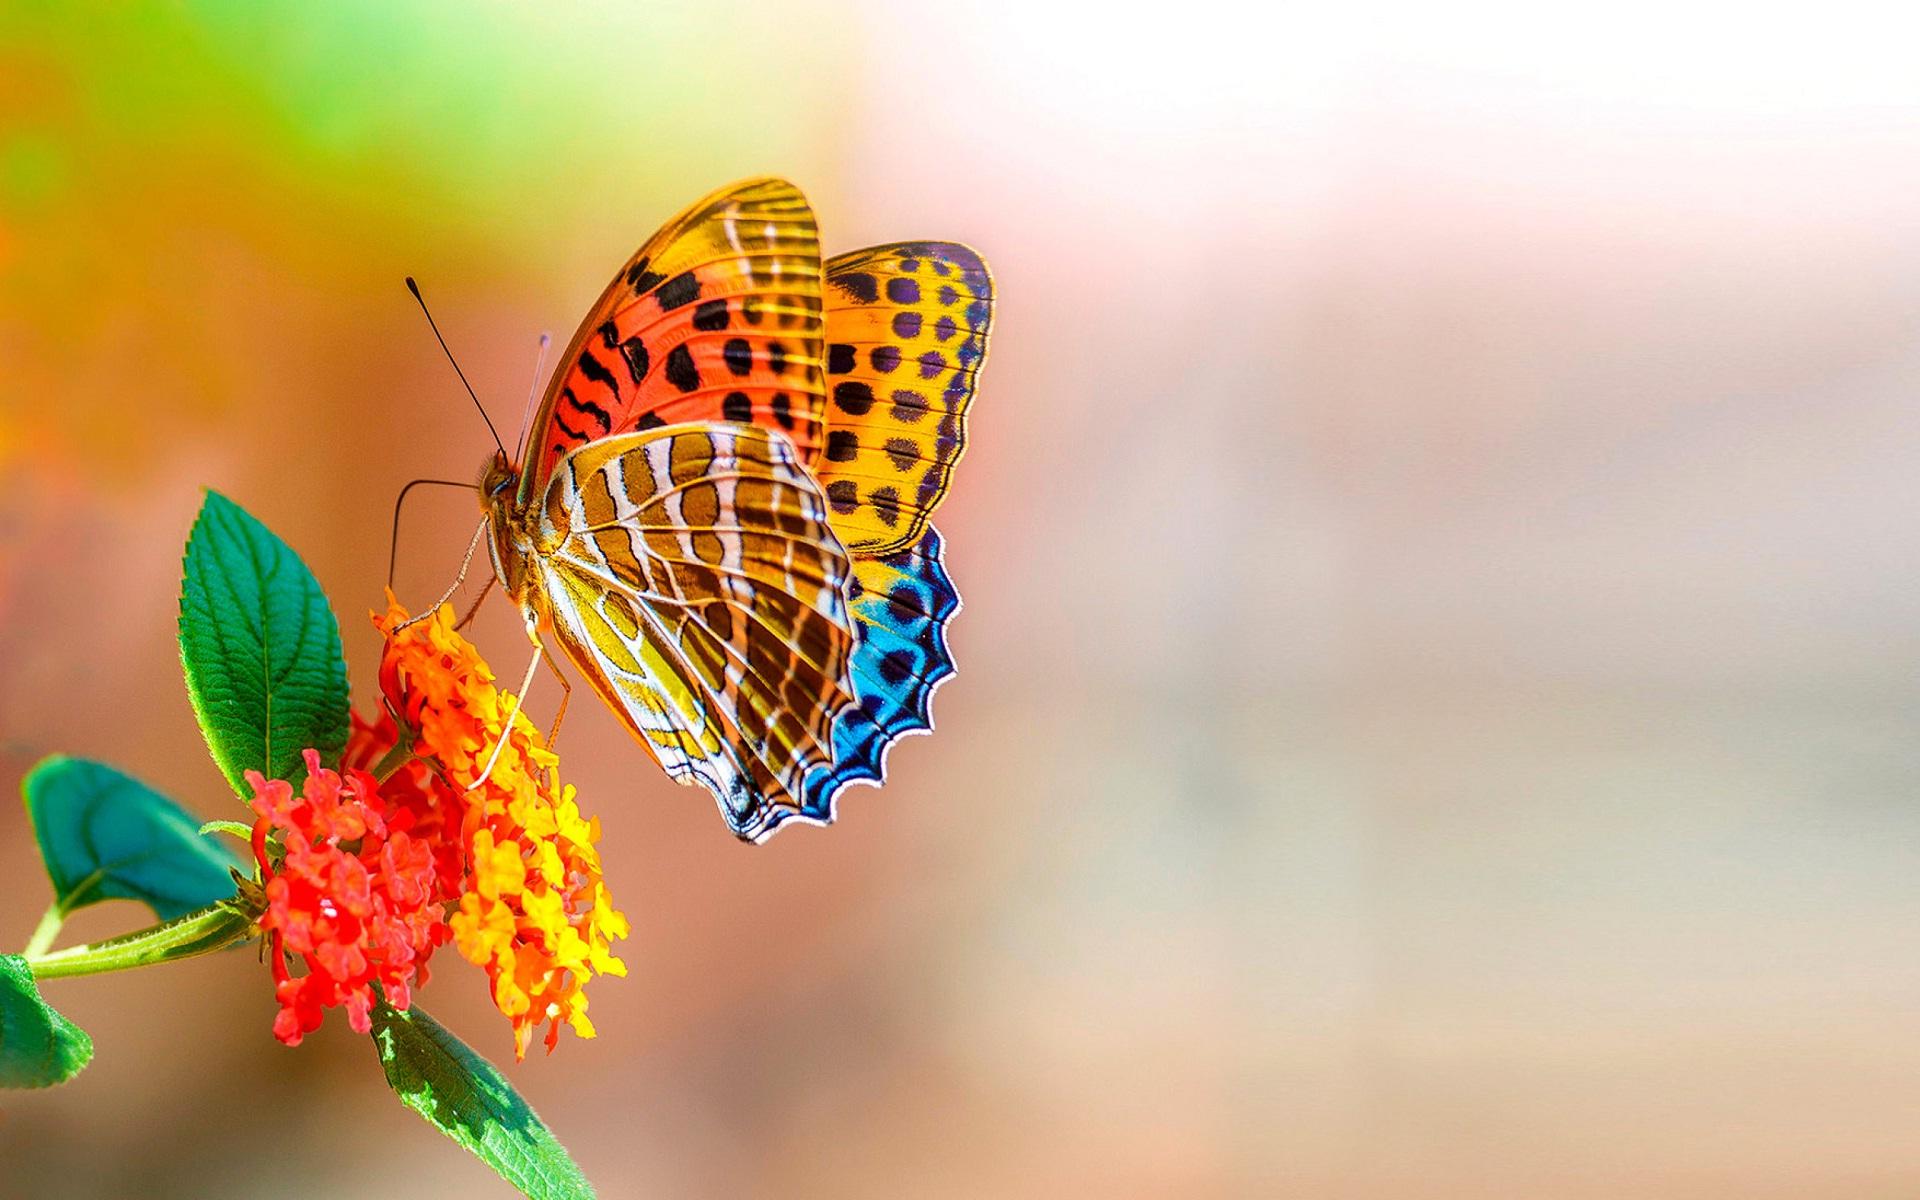 Sweet Wallpaper Butterfly Colorful Digital Hd Sweet 1920x1200